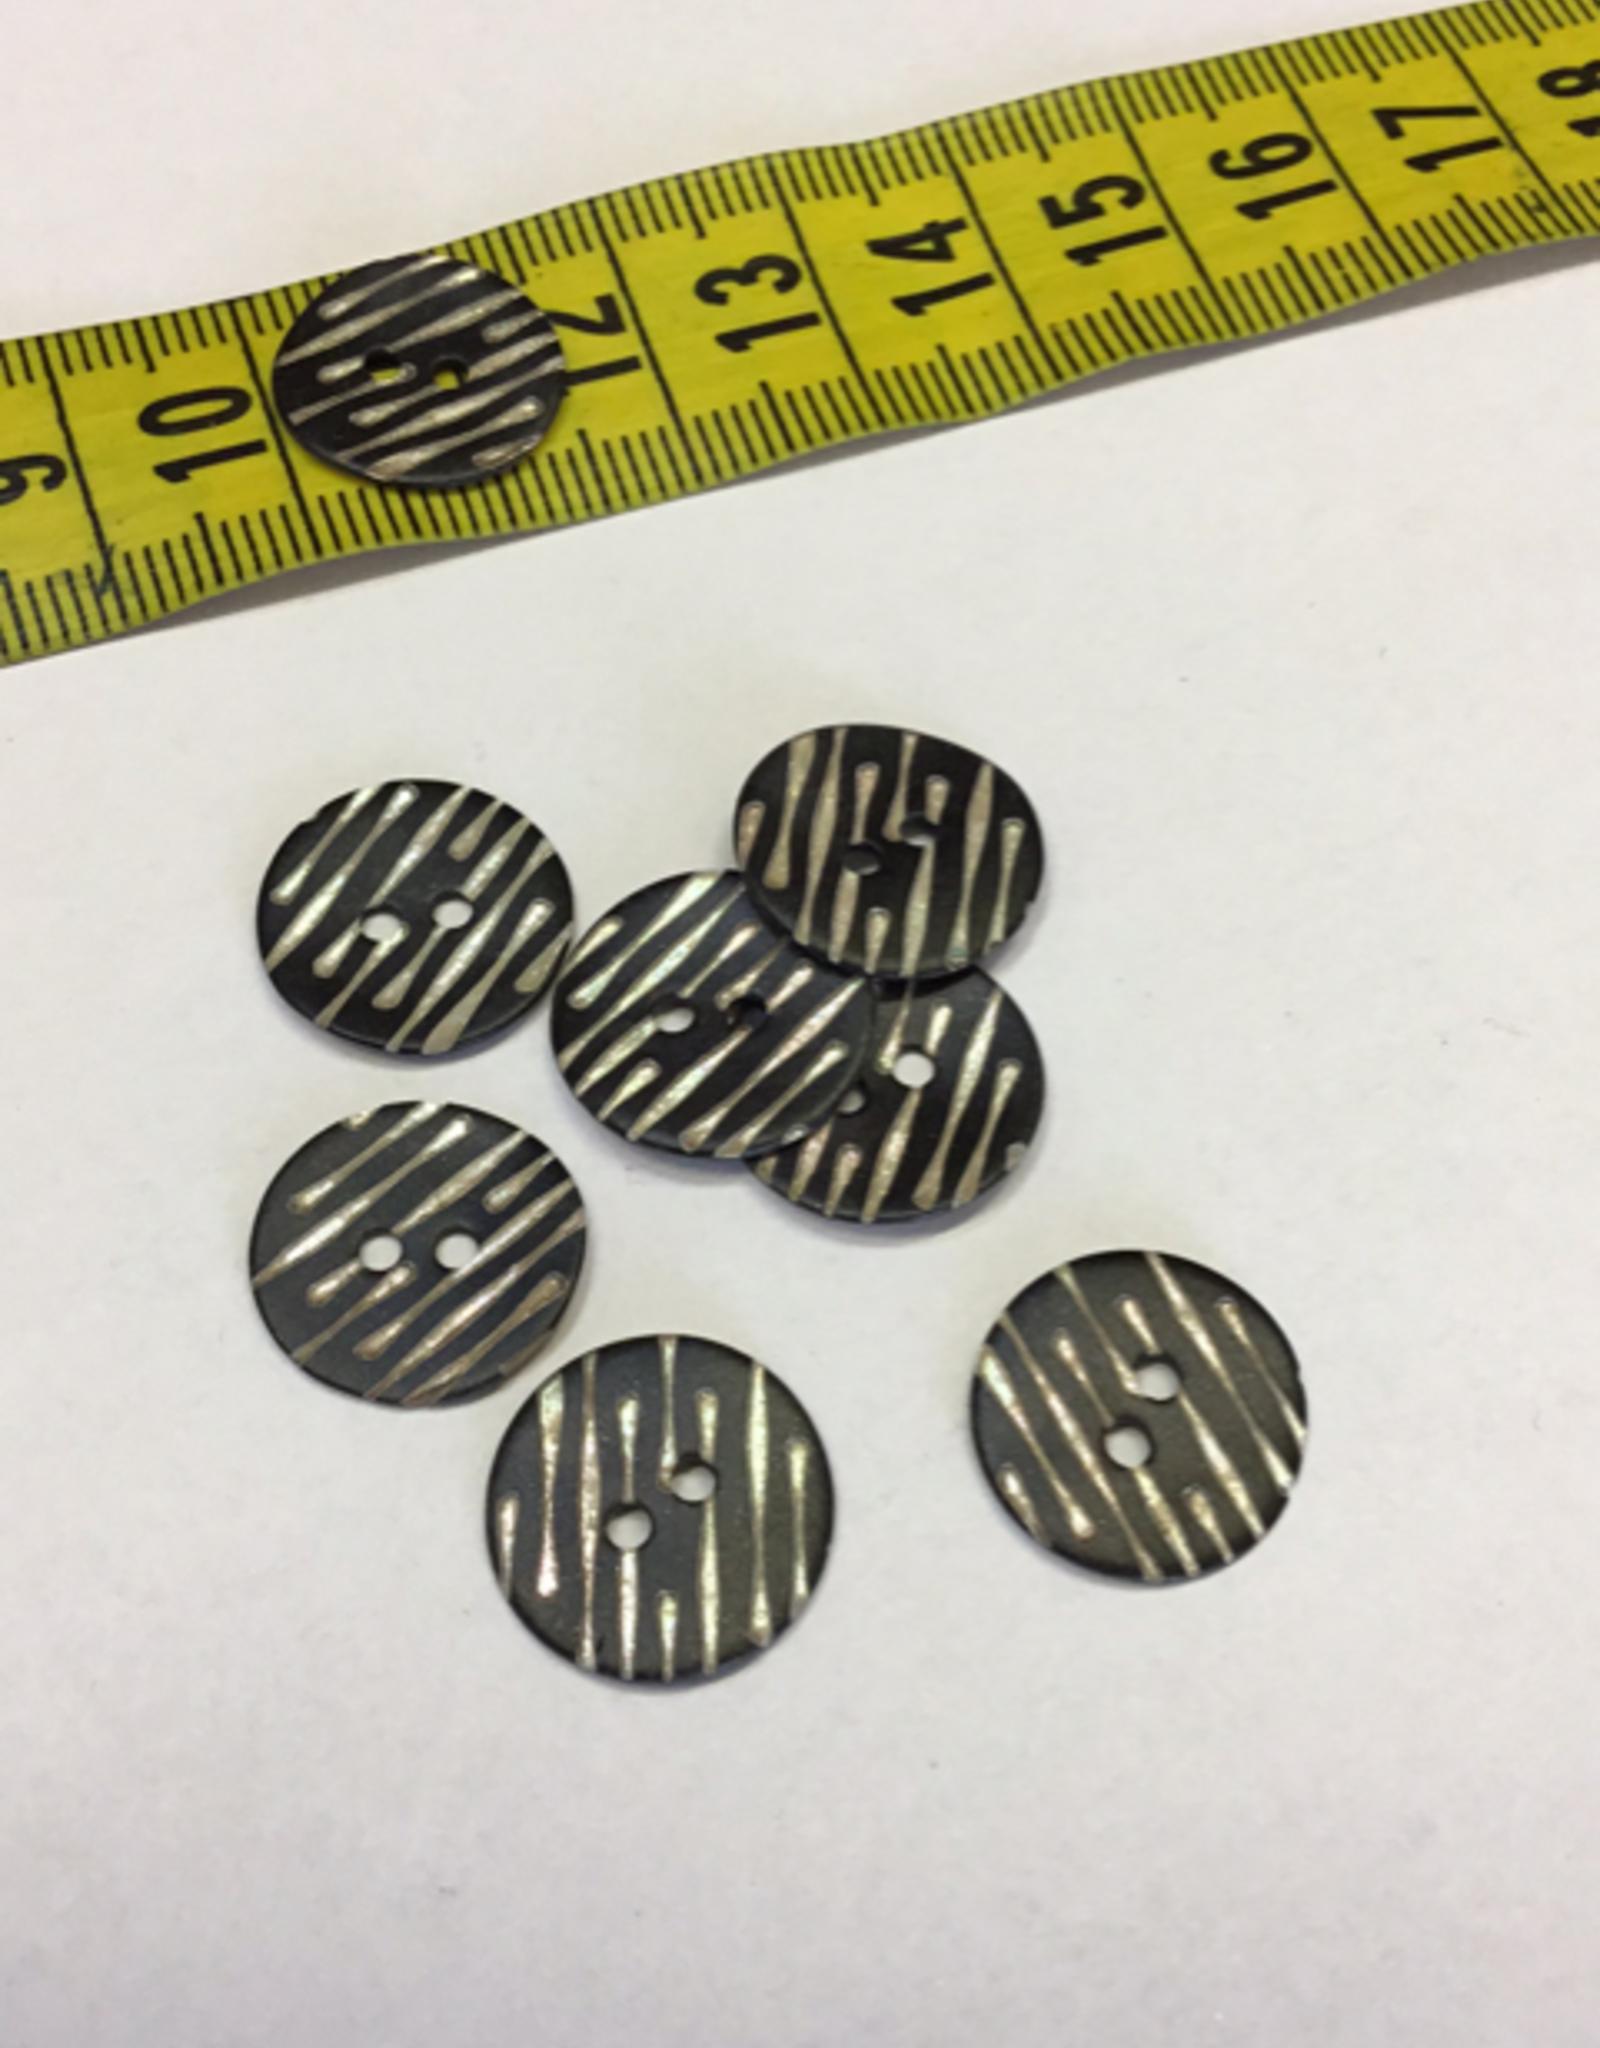 Knoop zwart met parelmoer strepen grootte 24